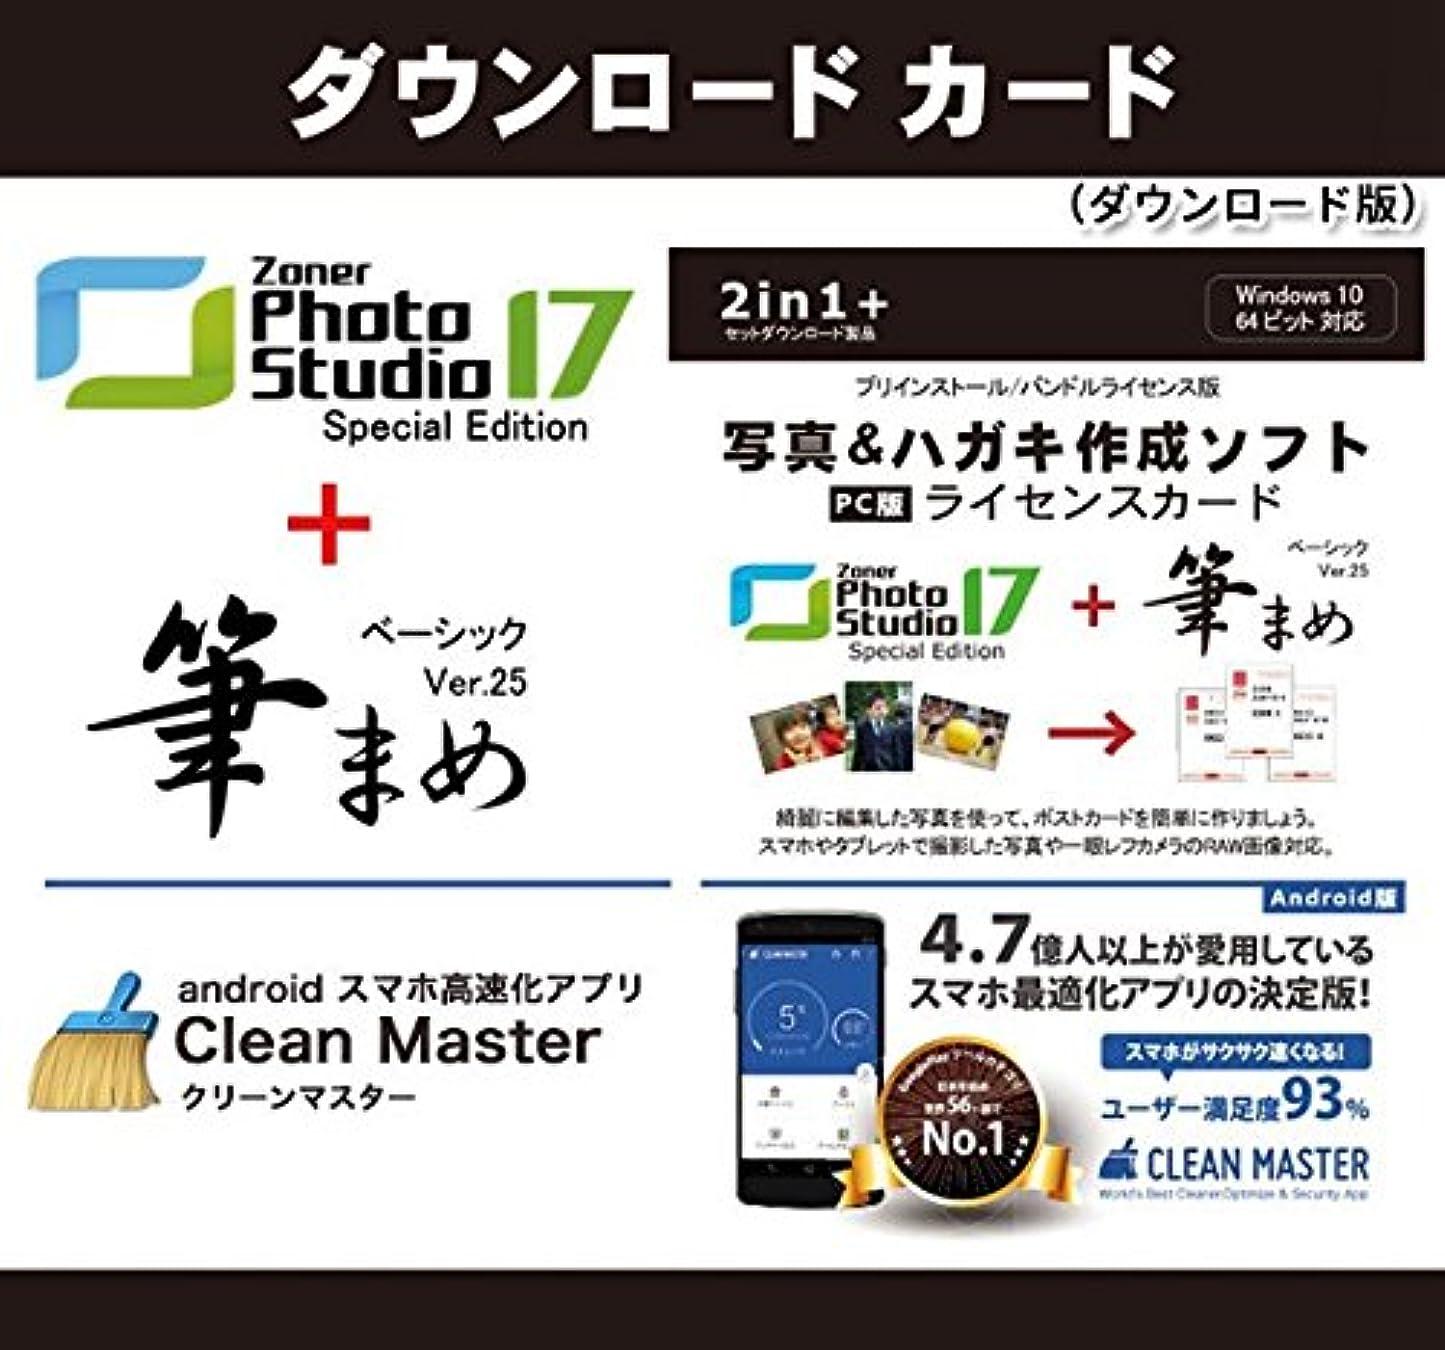 スキニー実験室引退した【写真&ハガキ作成ソフト】 Zoner Photo Studio 17 SPE+筆まめ+Androidスマホ最適化アプリ「CLEAN MASTER」